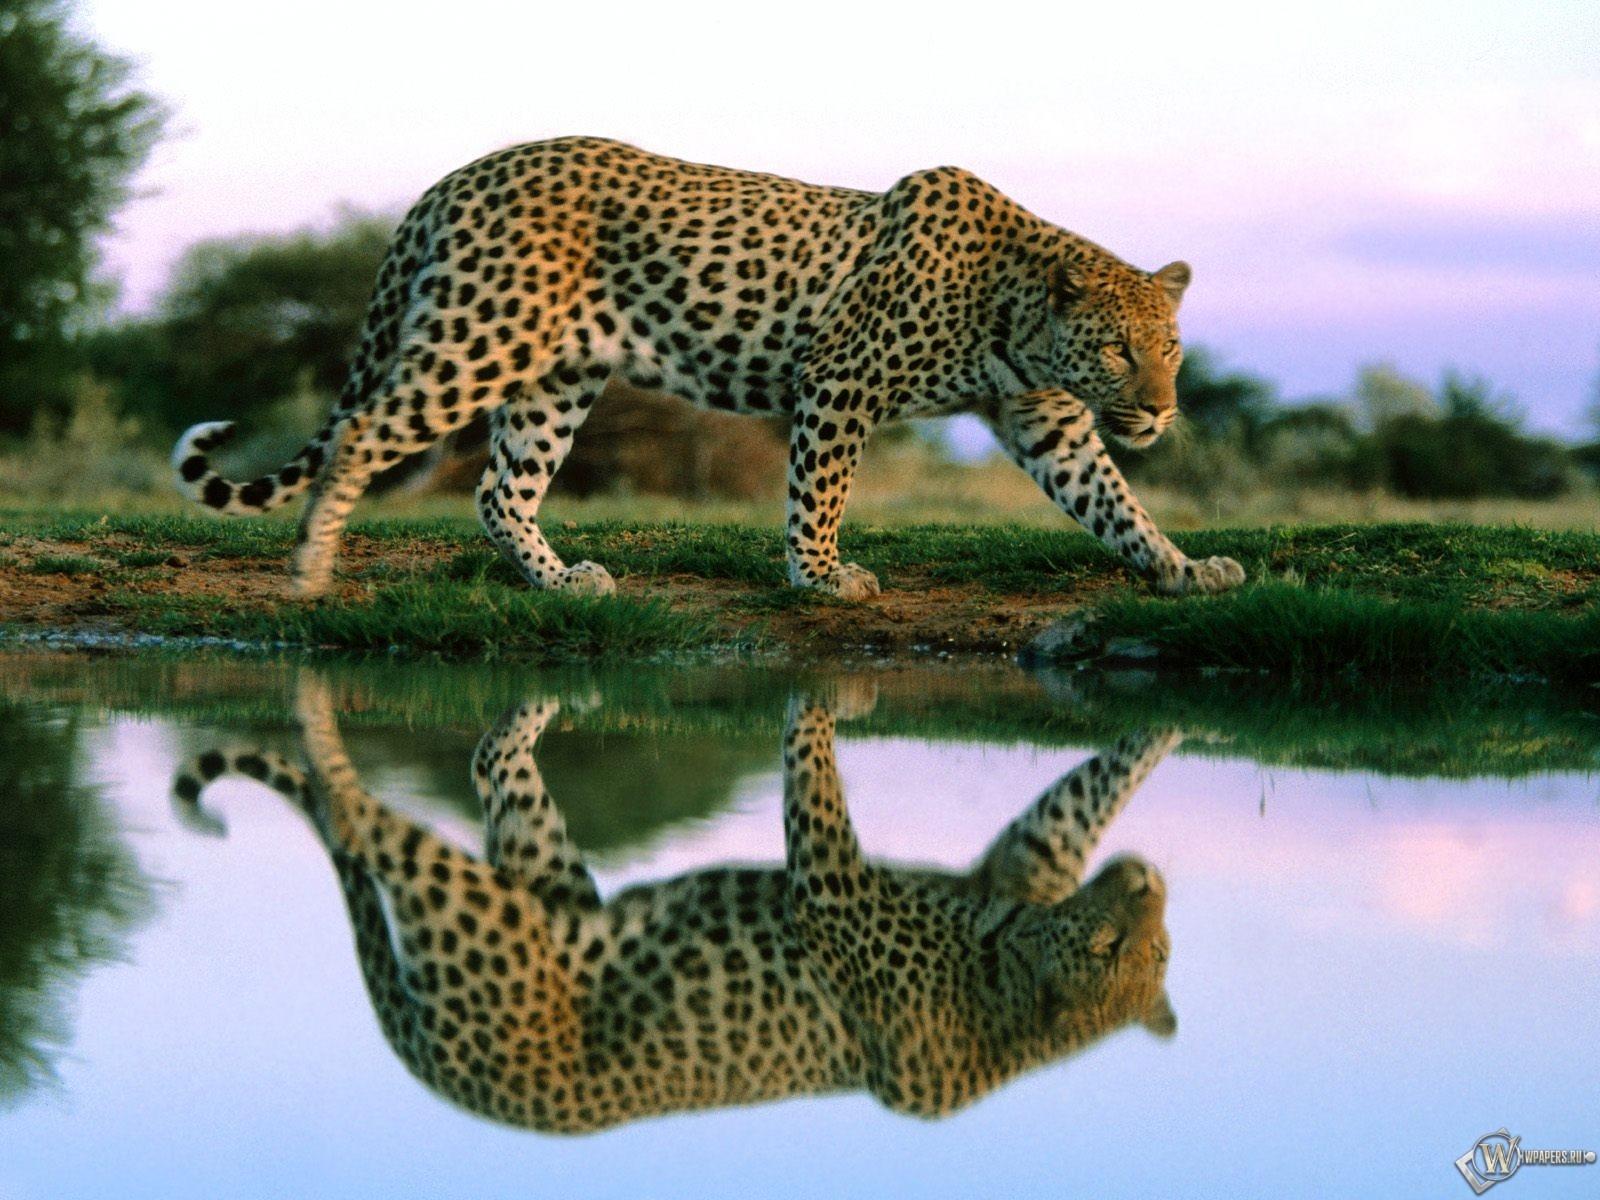 Леопард гуляет по берегу 1600x1200